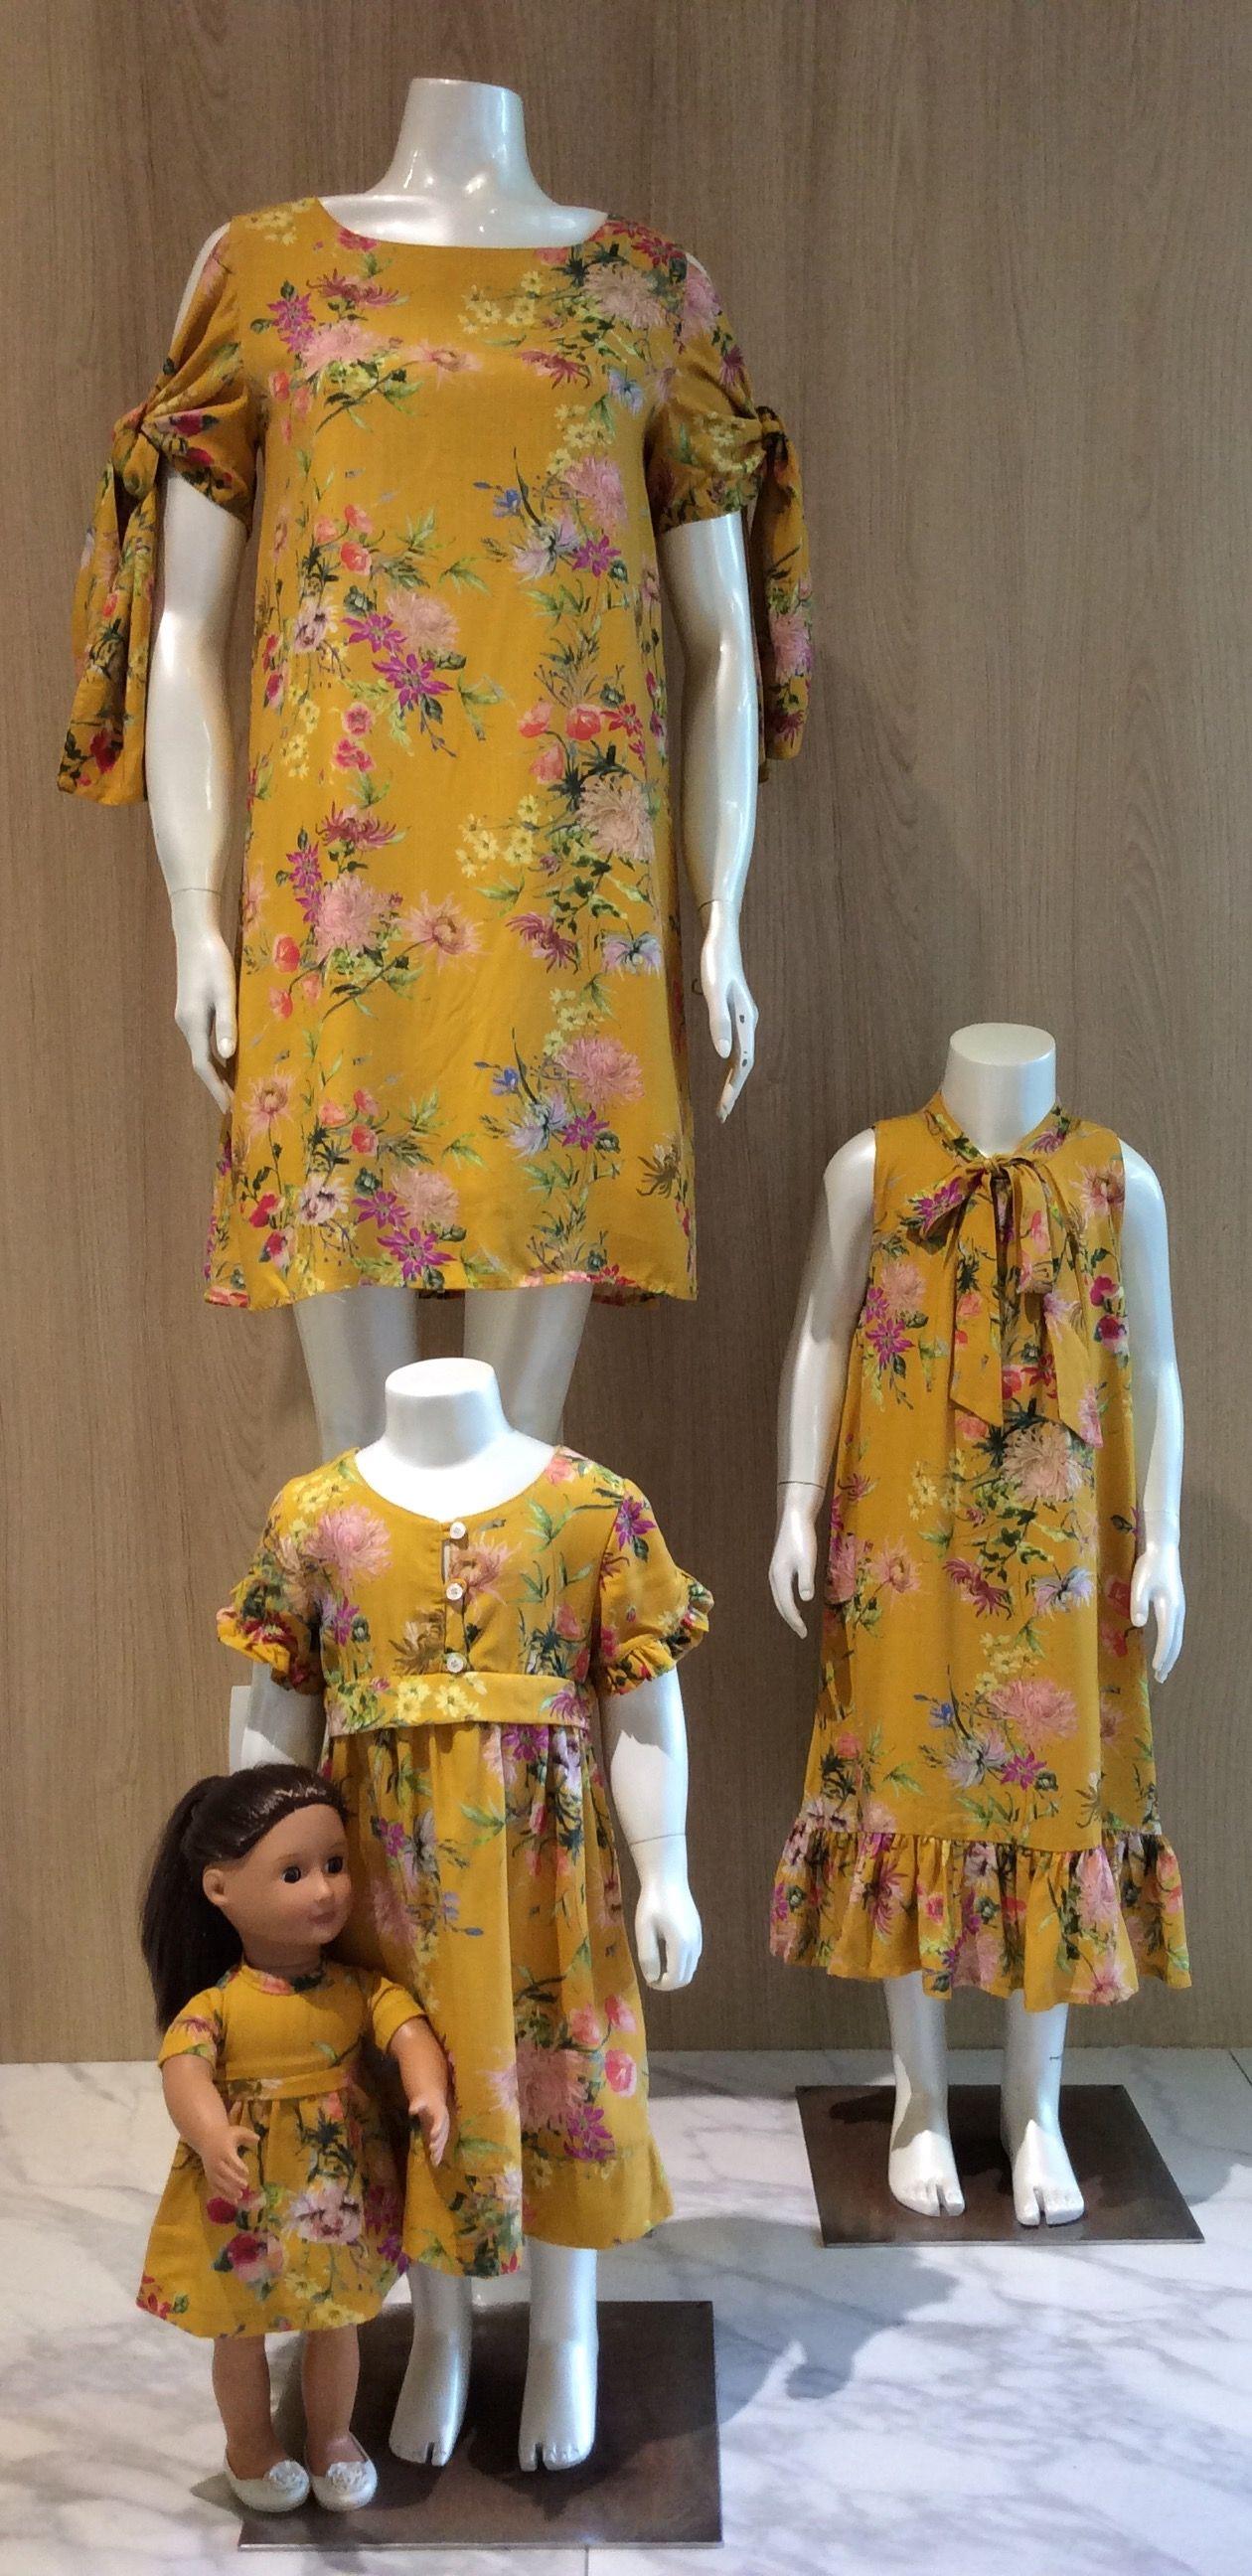 Roupas para mães, filhas e bonecas. Barra Garden Shopping - Av das Américas 3255 loja 159 - Rio de Janeiro.